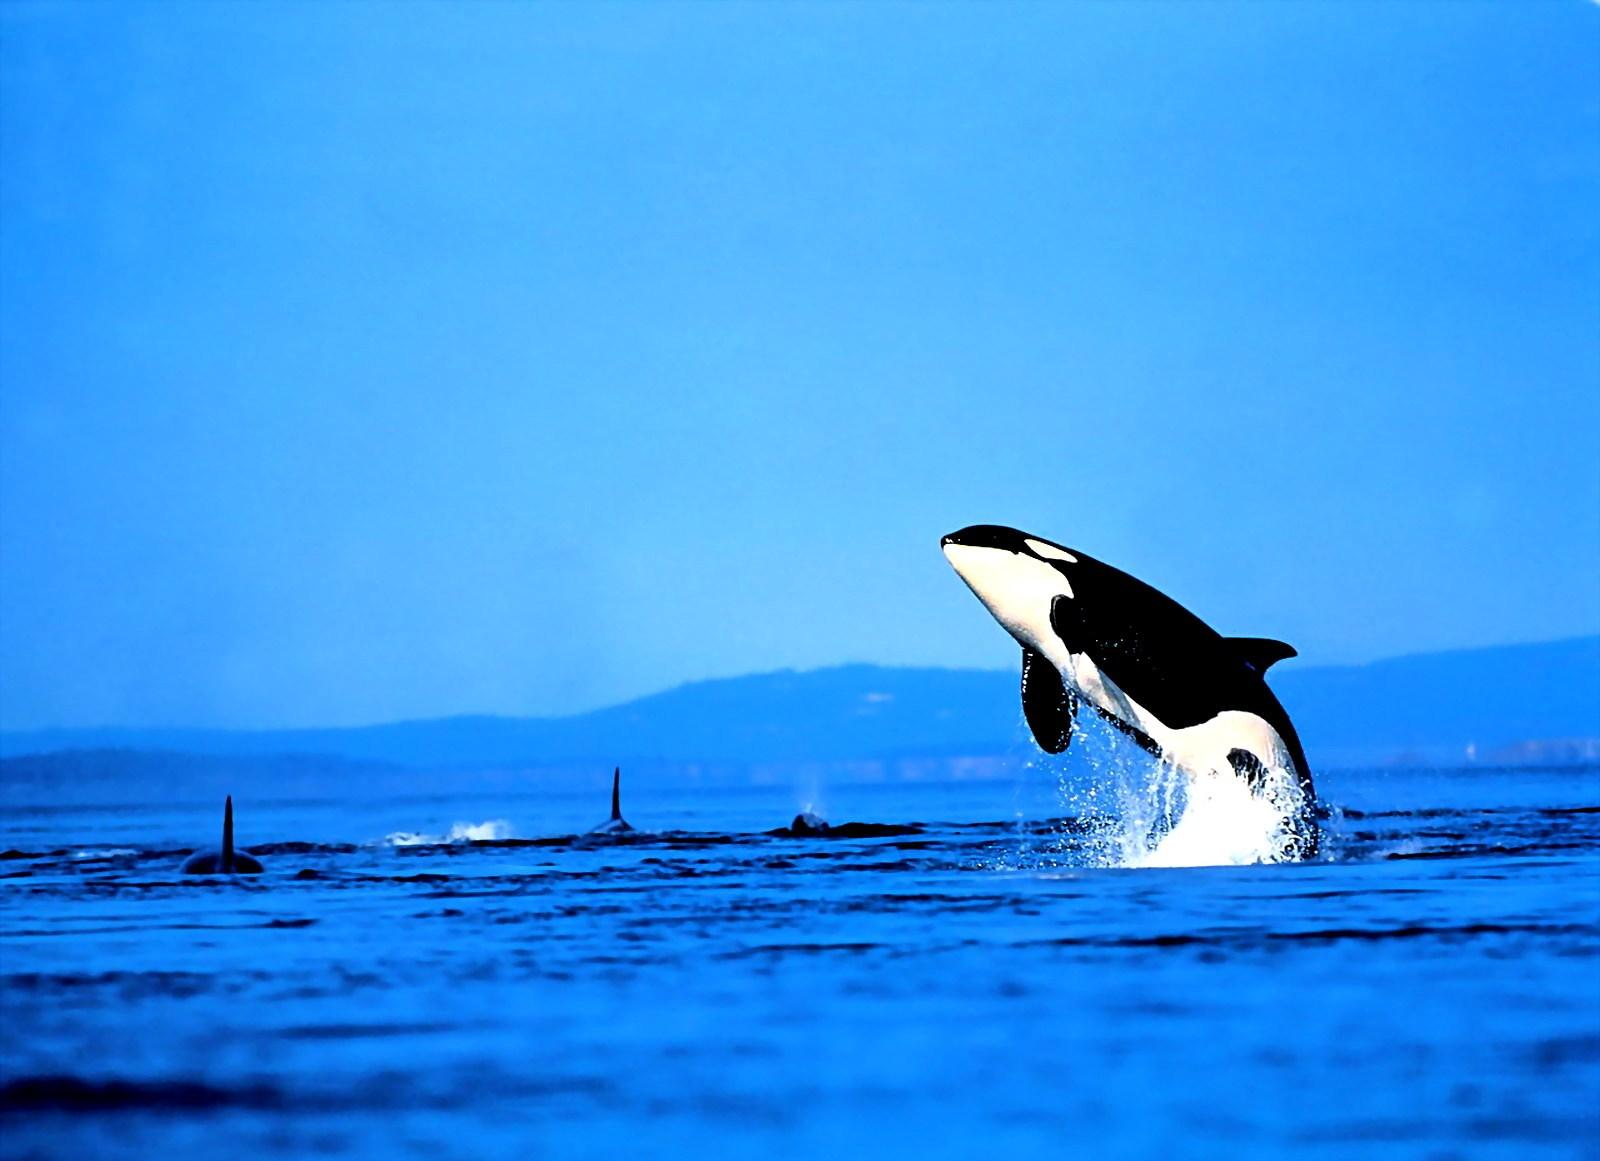 картинки для рабочего стола дельфины: